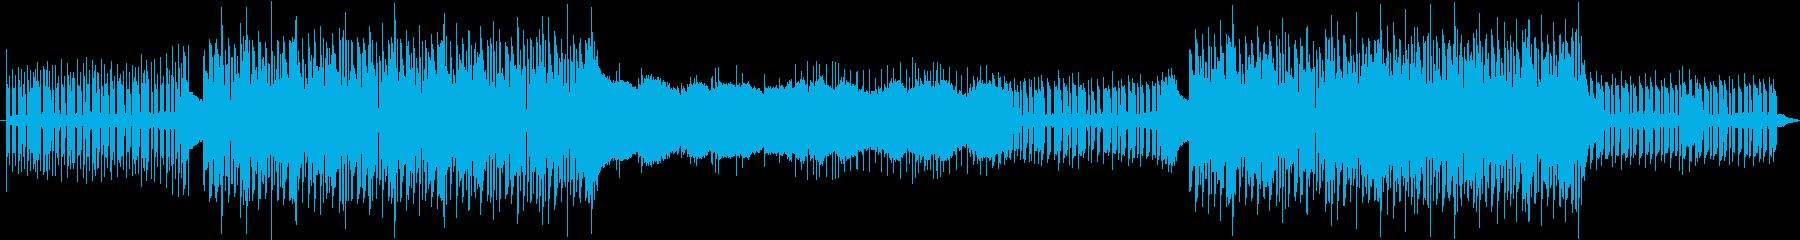 シンセ音がメインのアップテンポソングの再生済みの波形